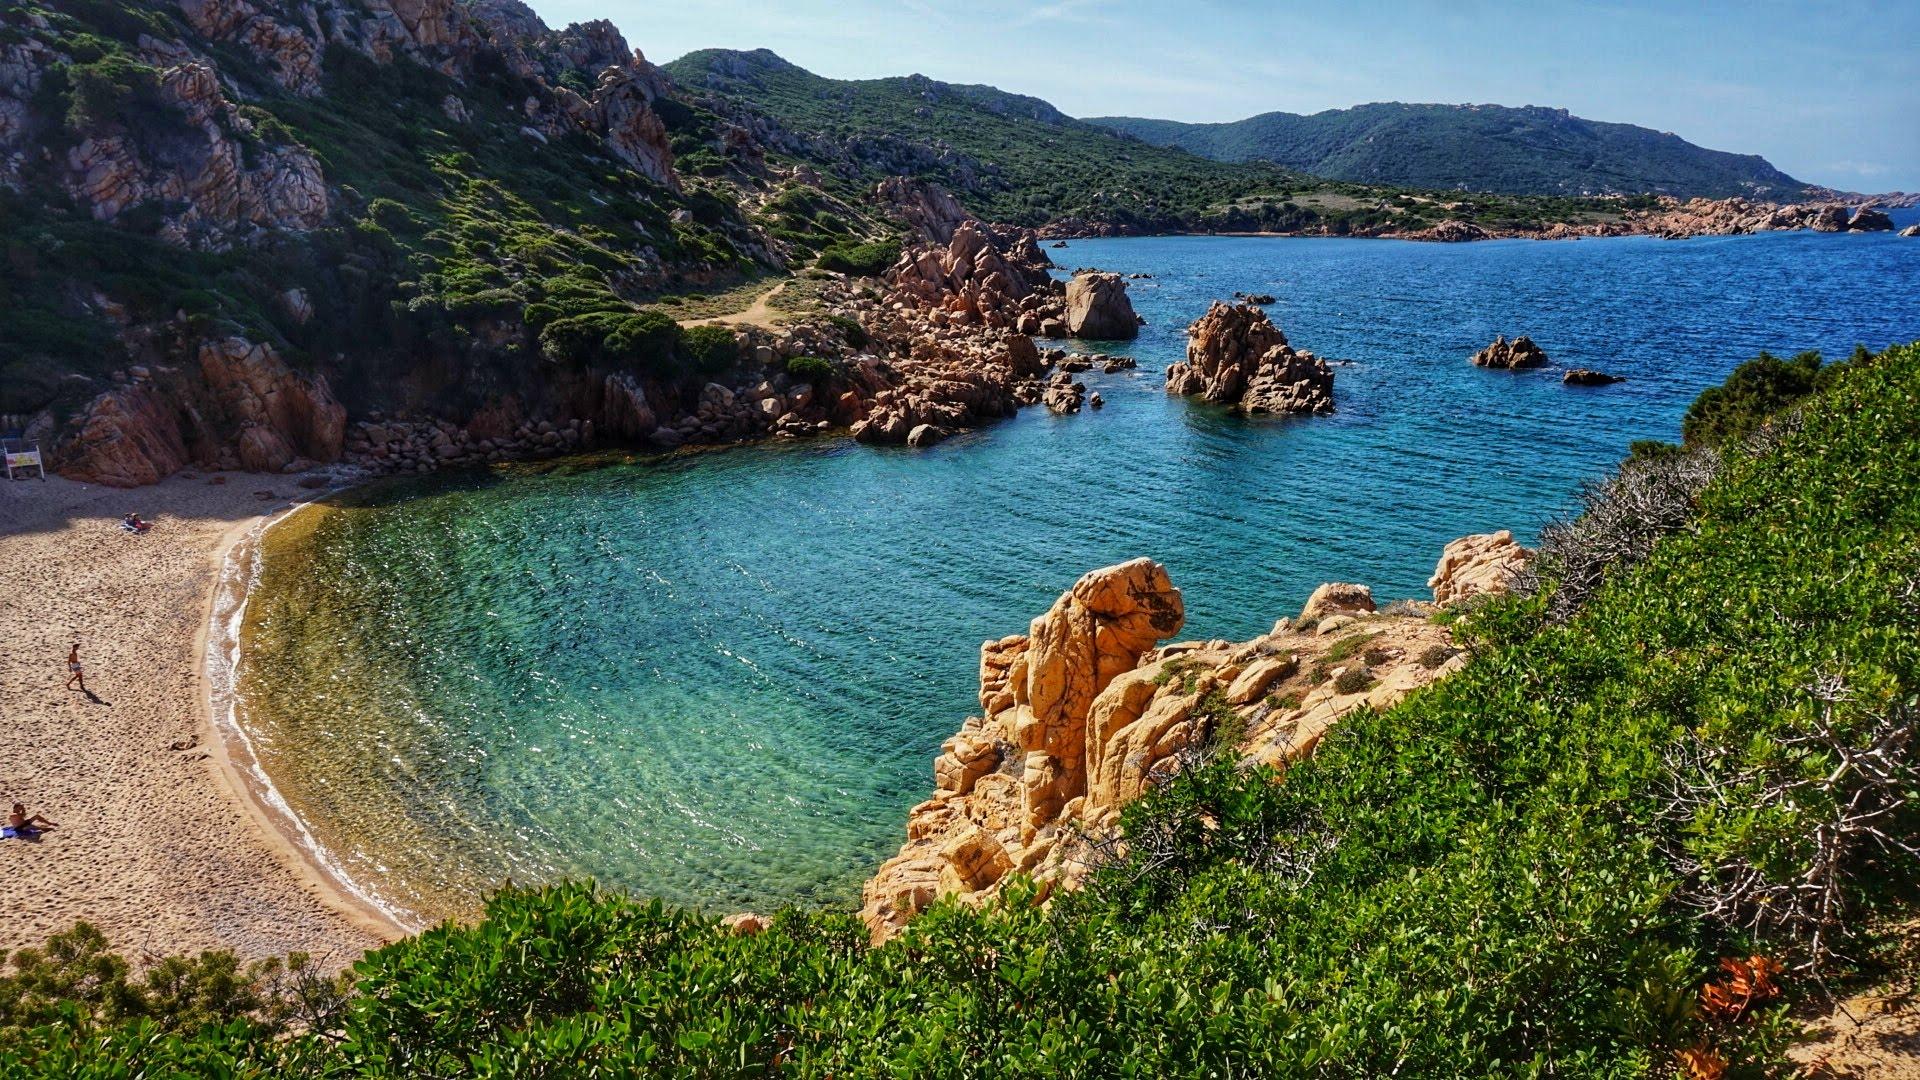 Blick in die Bucht Li Cossi an der Costa Paradiso